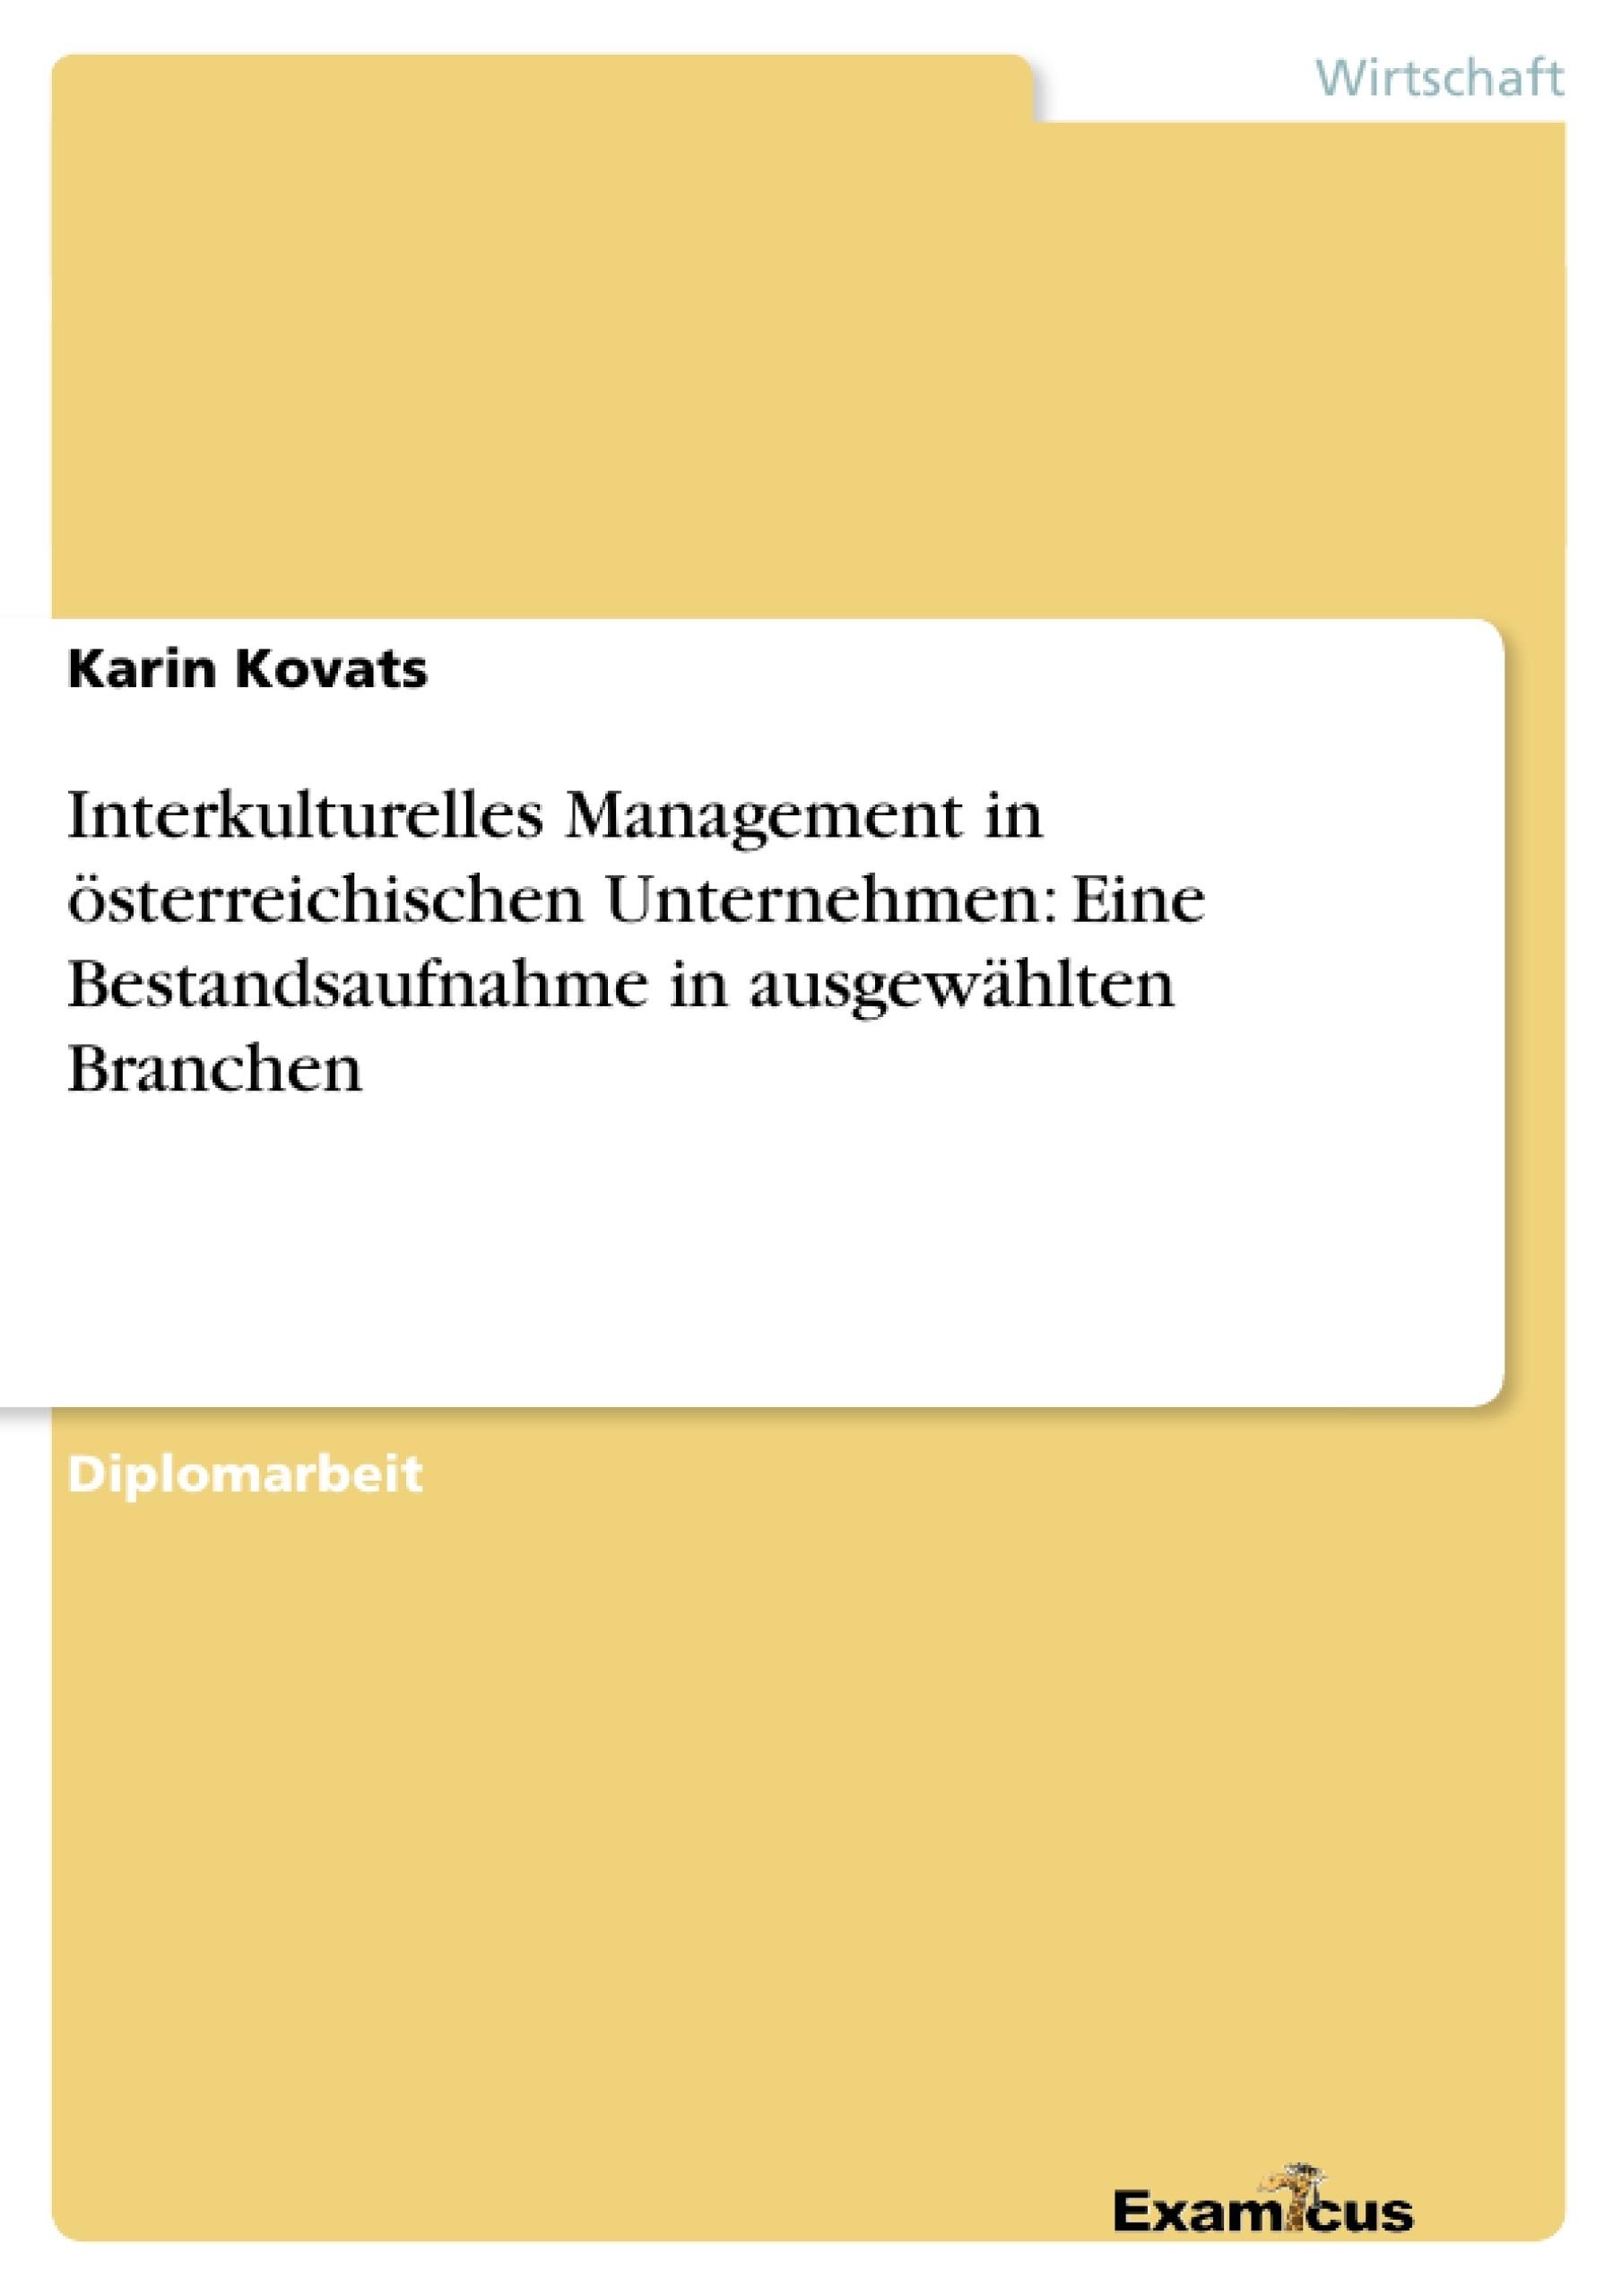 Titel: Interkulturelles Management in österreichischen Unternehmen: Eine Bestandsaufnahme in ausgewählten Branchen